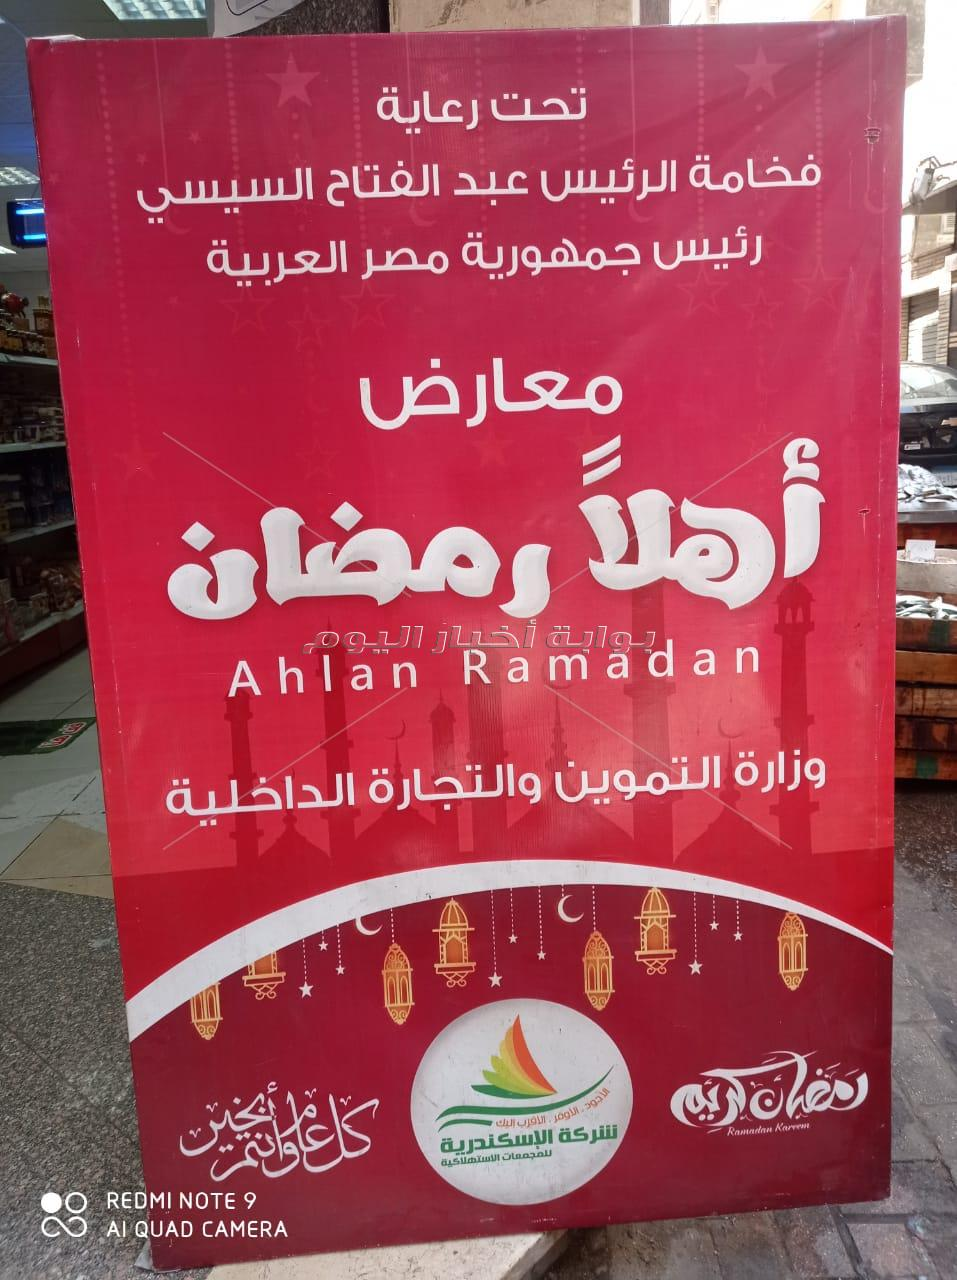 """الاسكندرية تستعد لانطلاق معرض """" اهلا رمضان """" بارض كوته و المجمعات"""